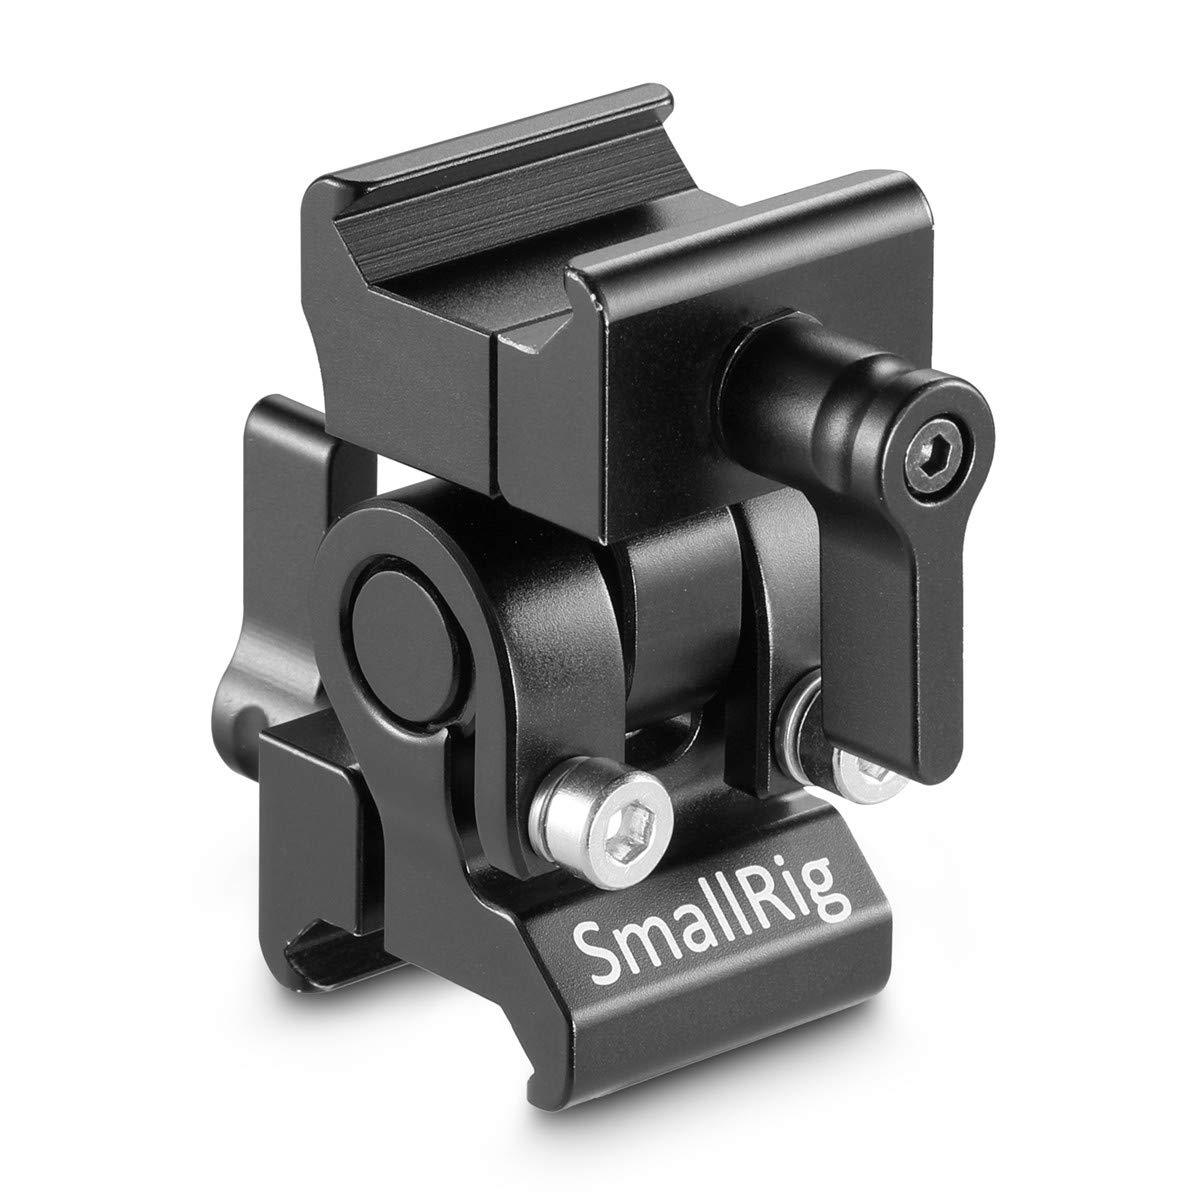 Smallrig 2205 DSLR Monitor Holder Mount Camera Field Moni...